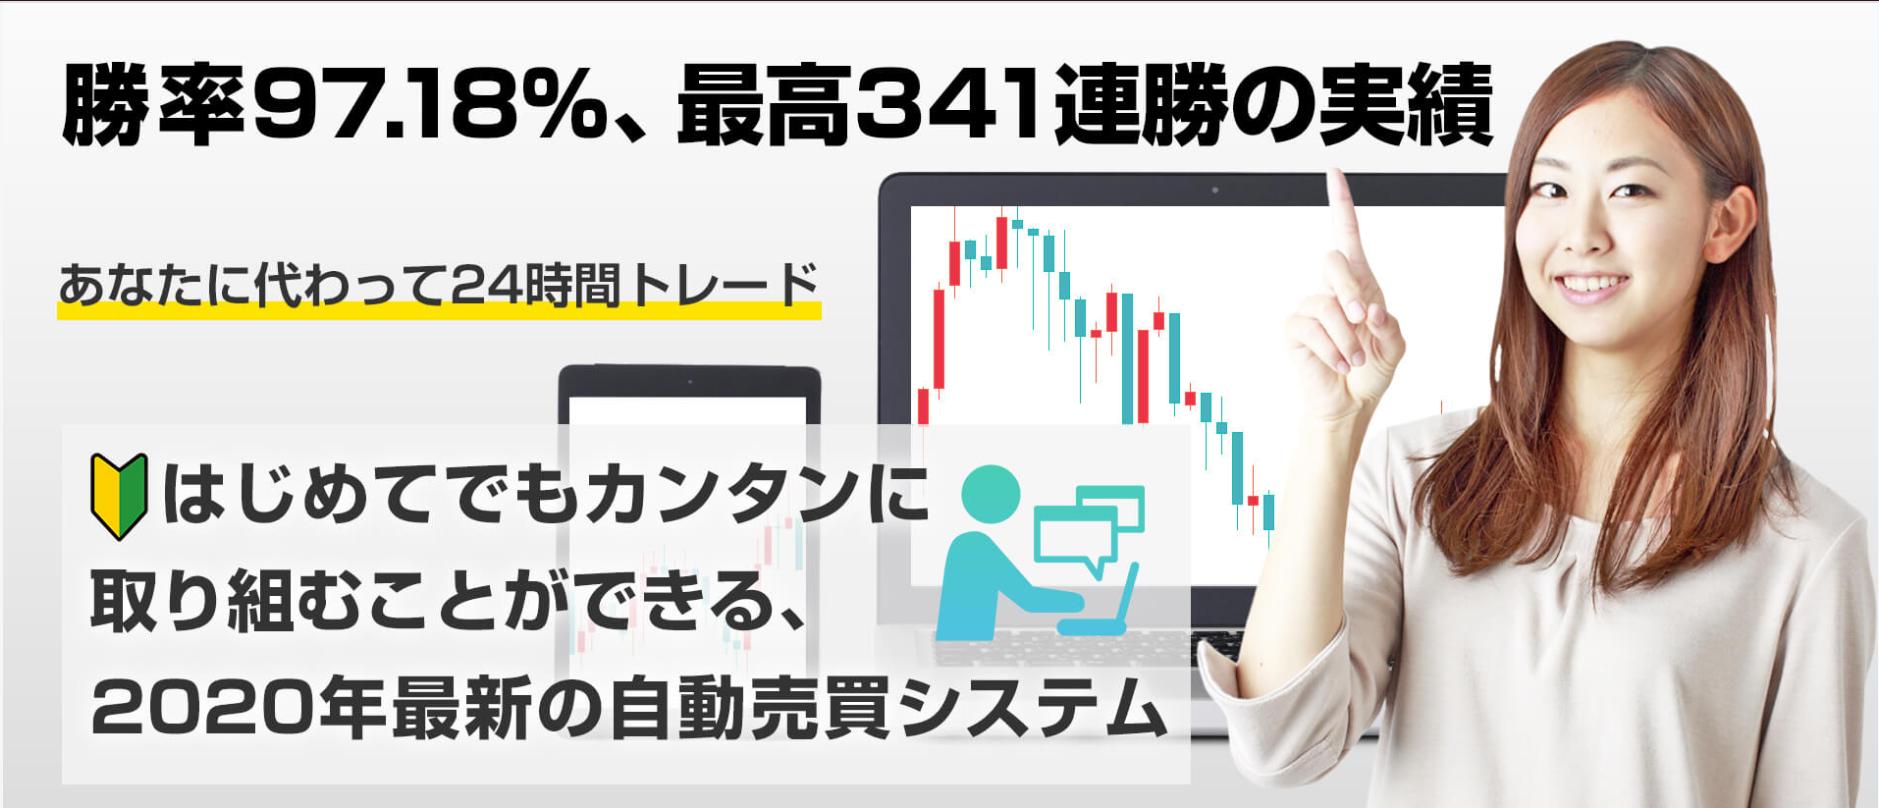 自動売買システム 「億の約束」MasterPiece(マスターピース)FX